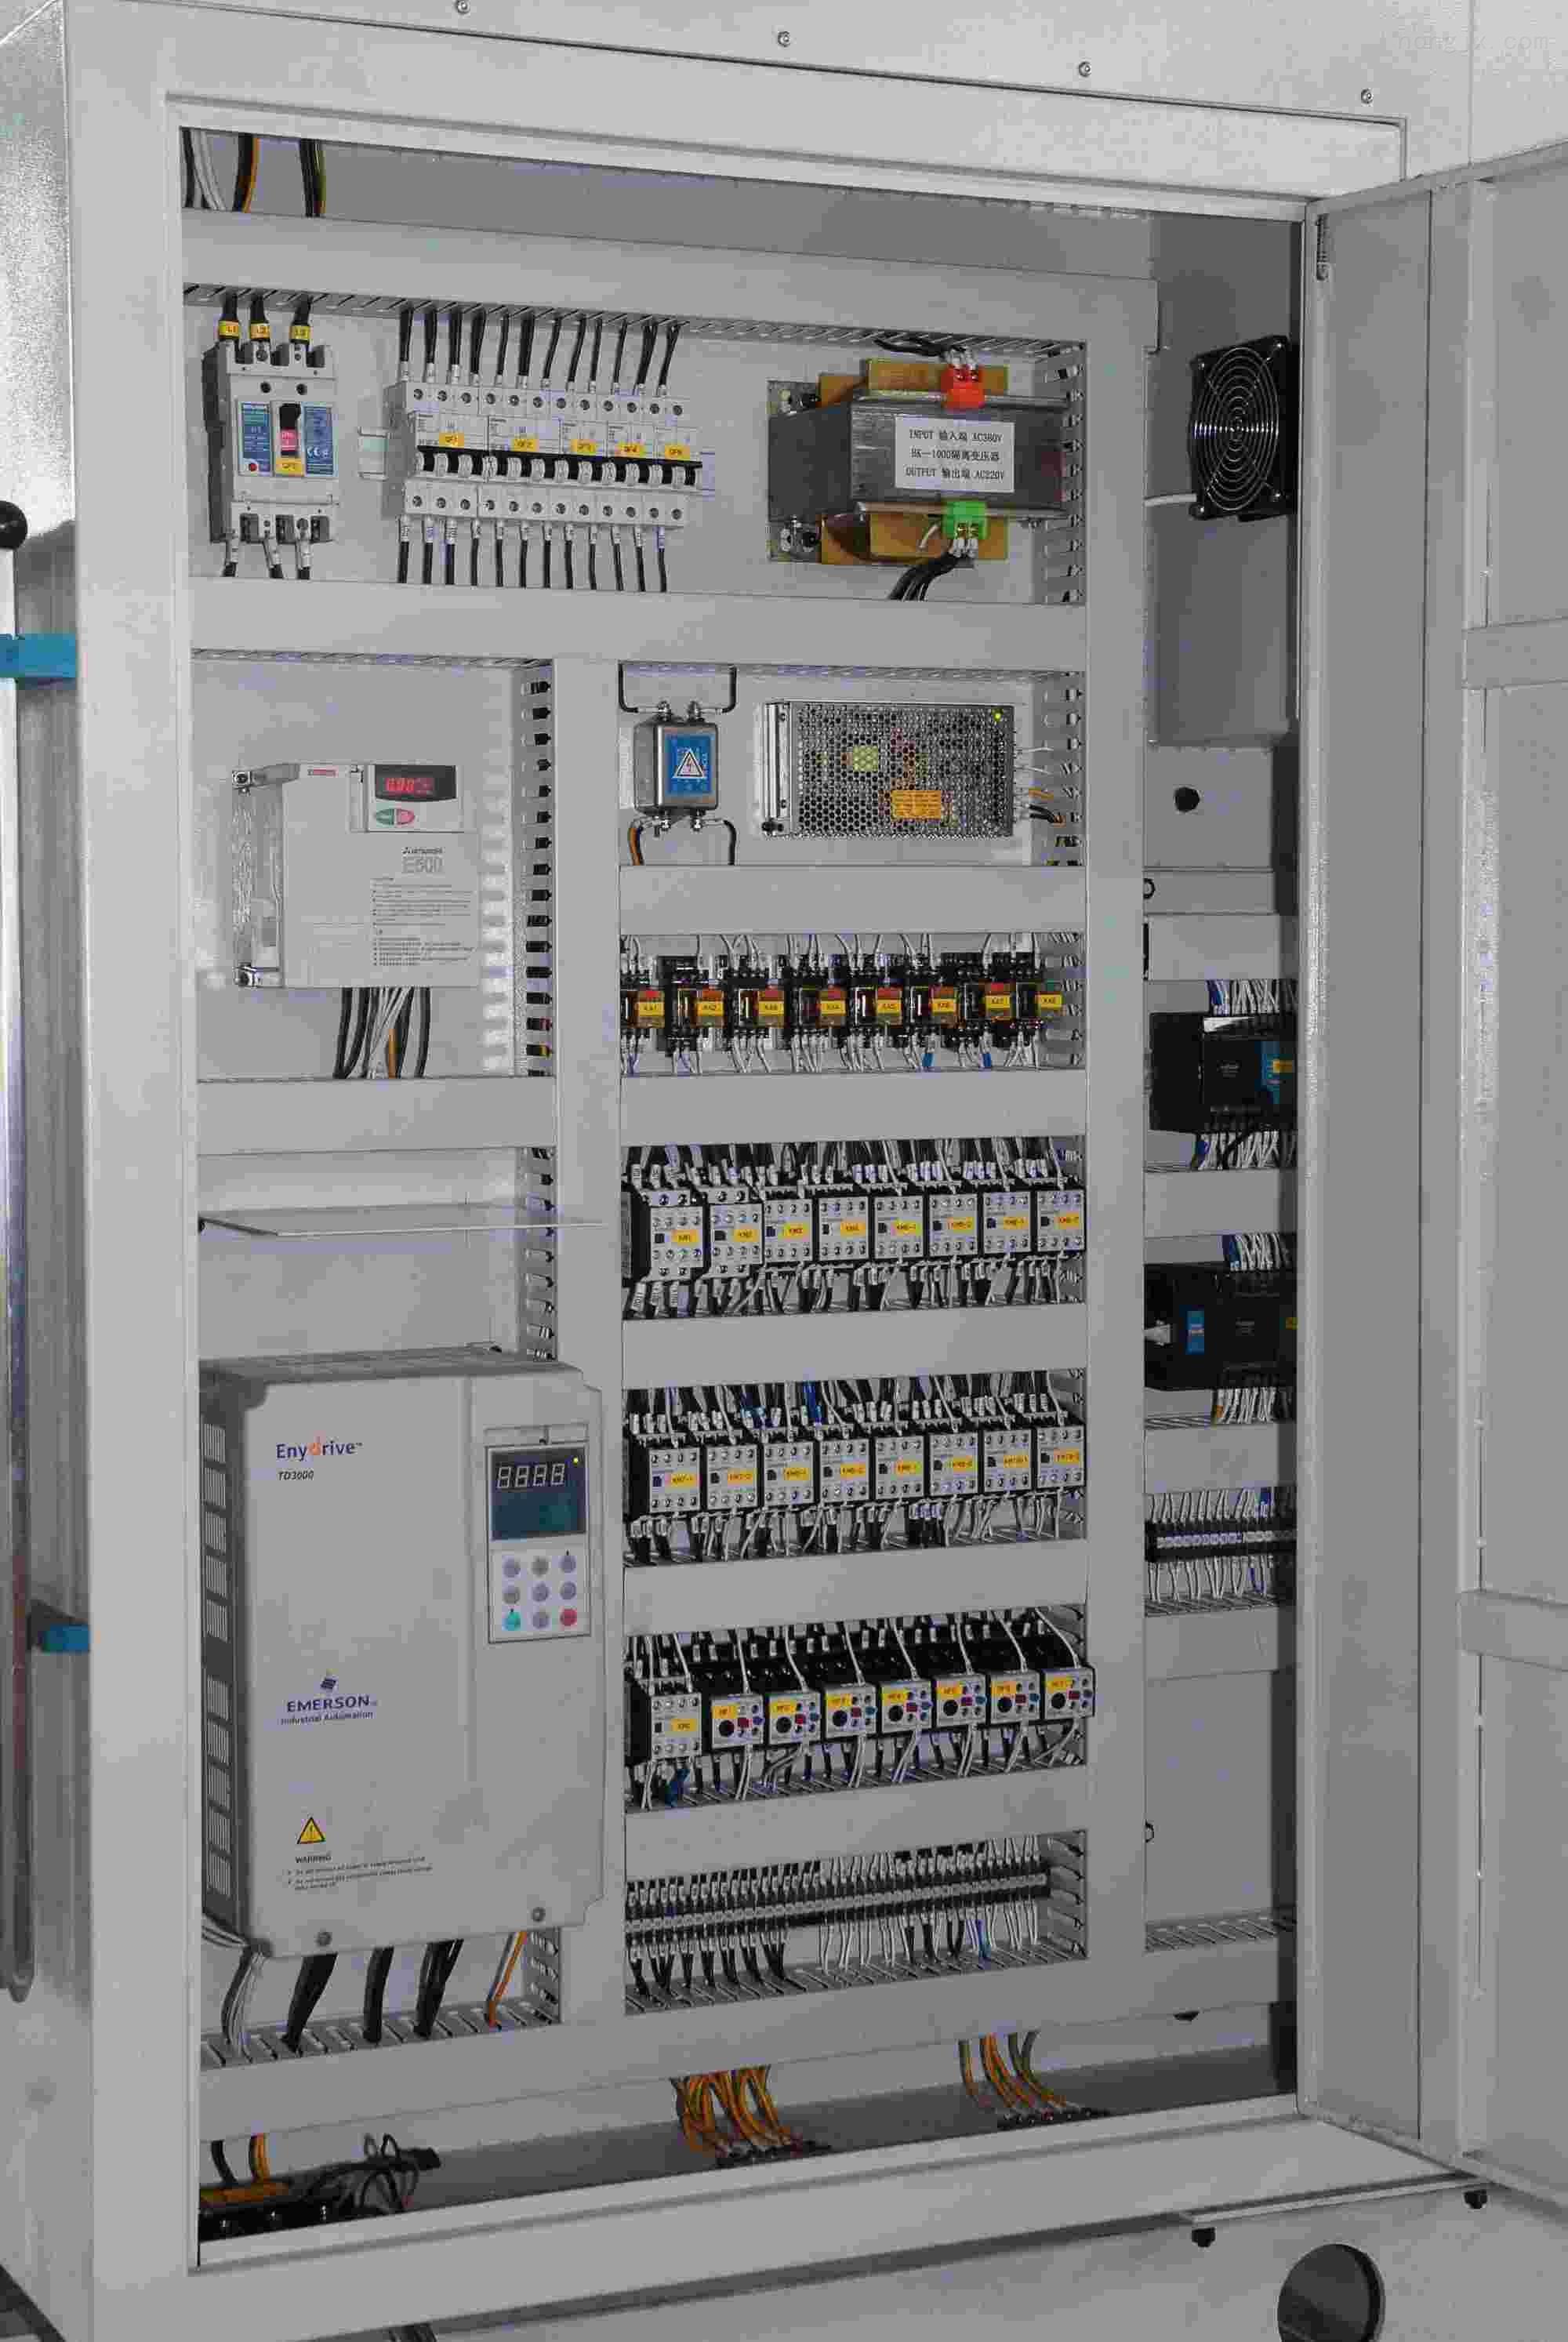 供应多功能控制柜   电气控制柜   节